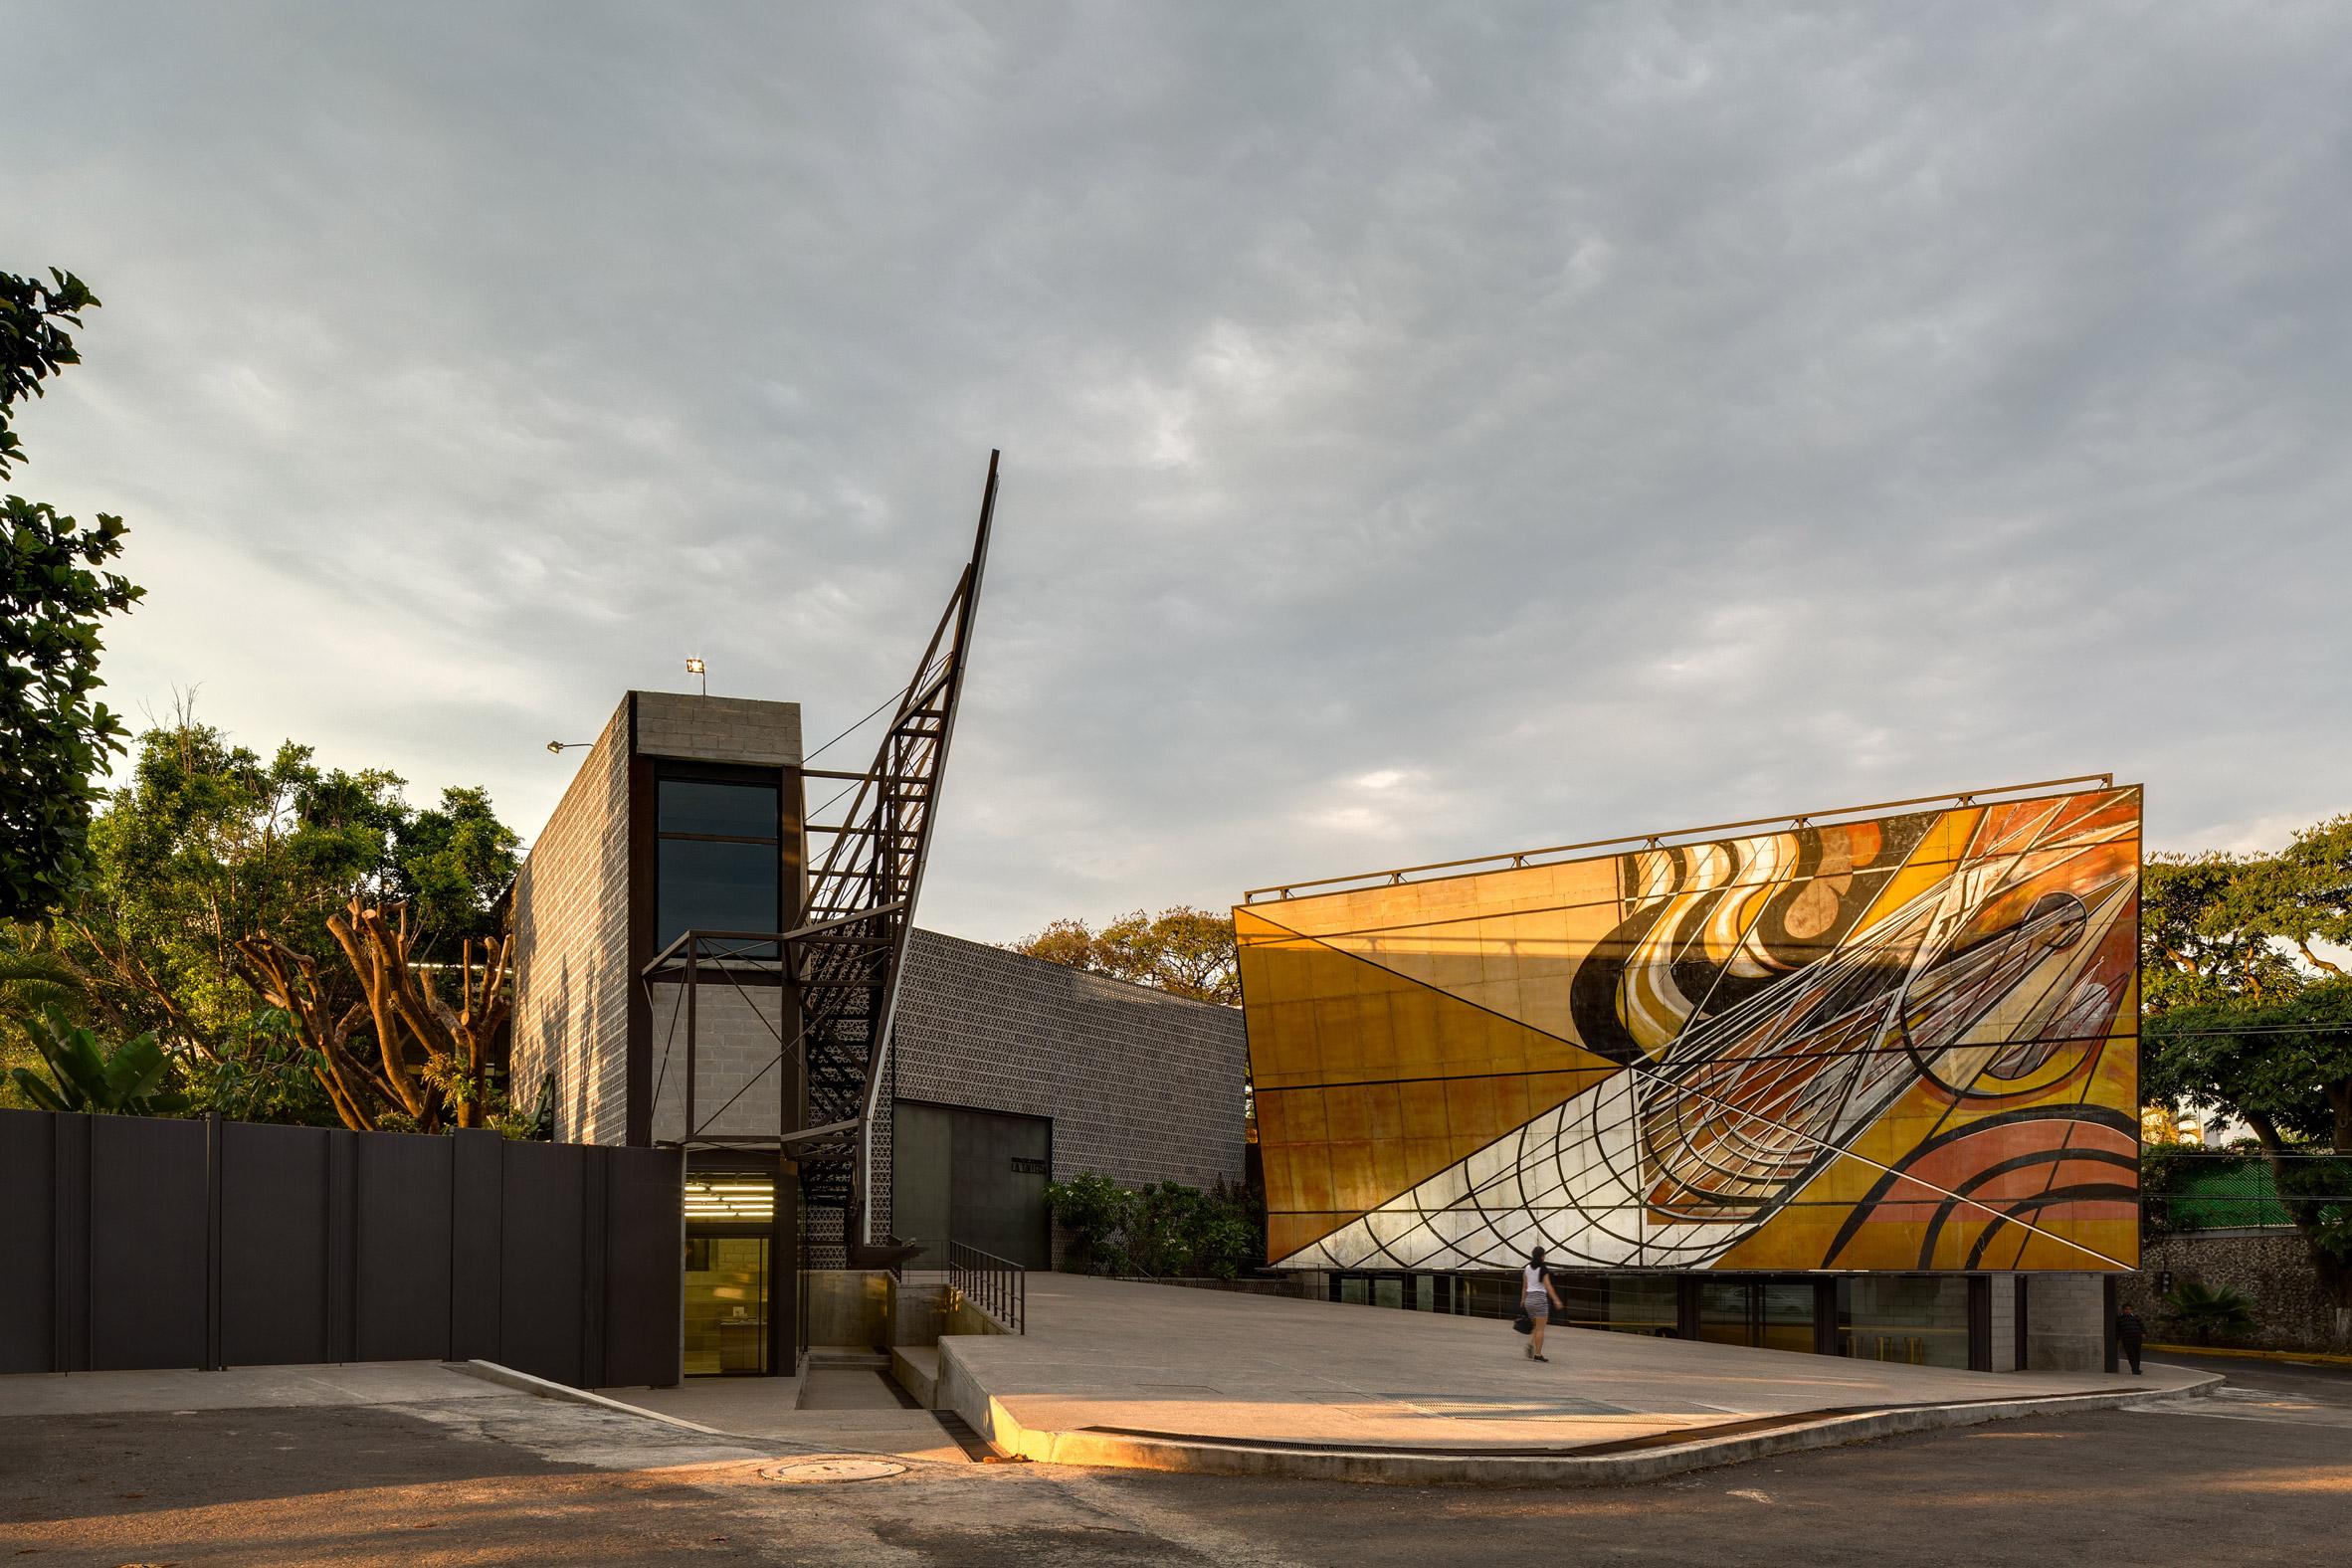 La Tallera gallery by Frida Escobedo